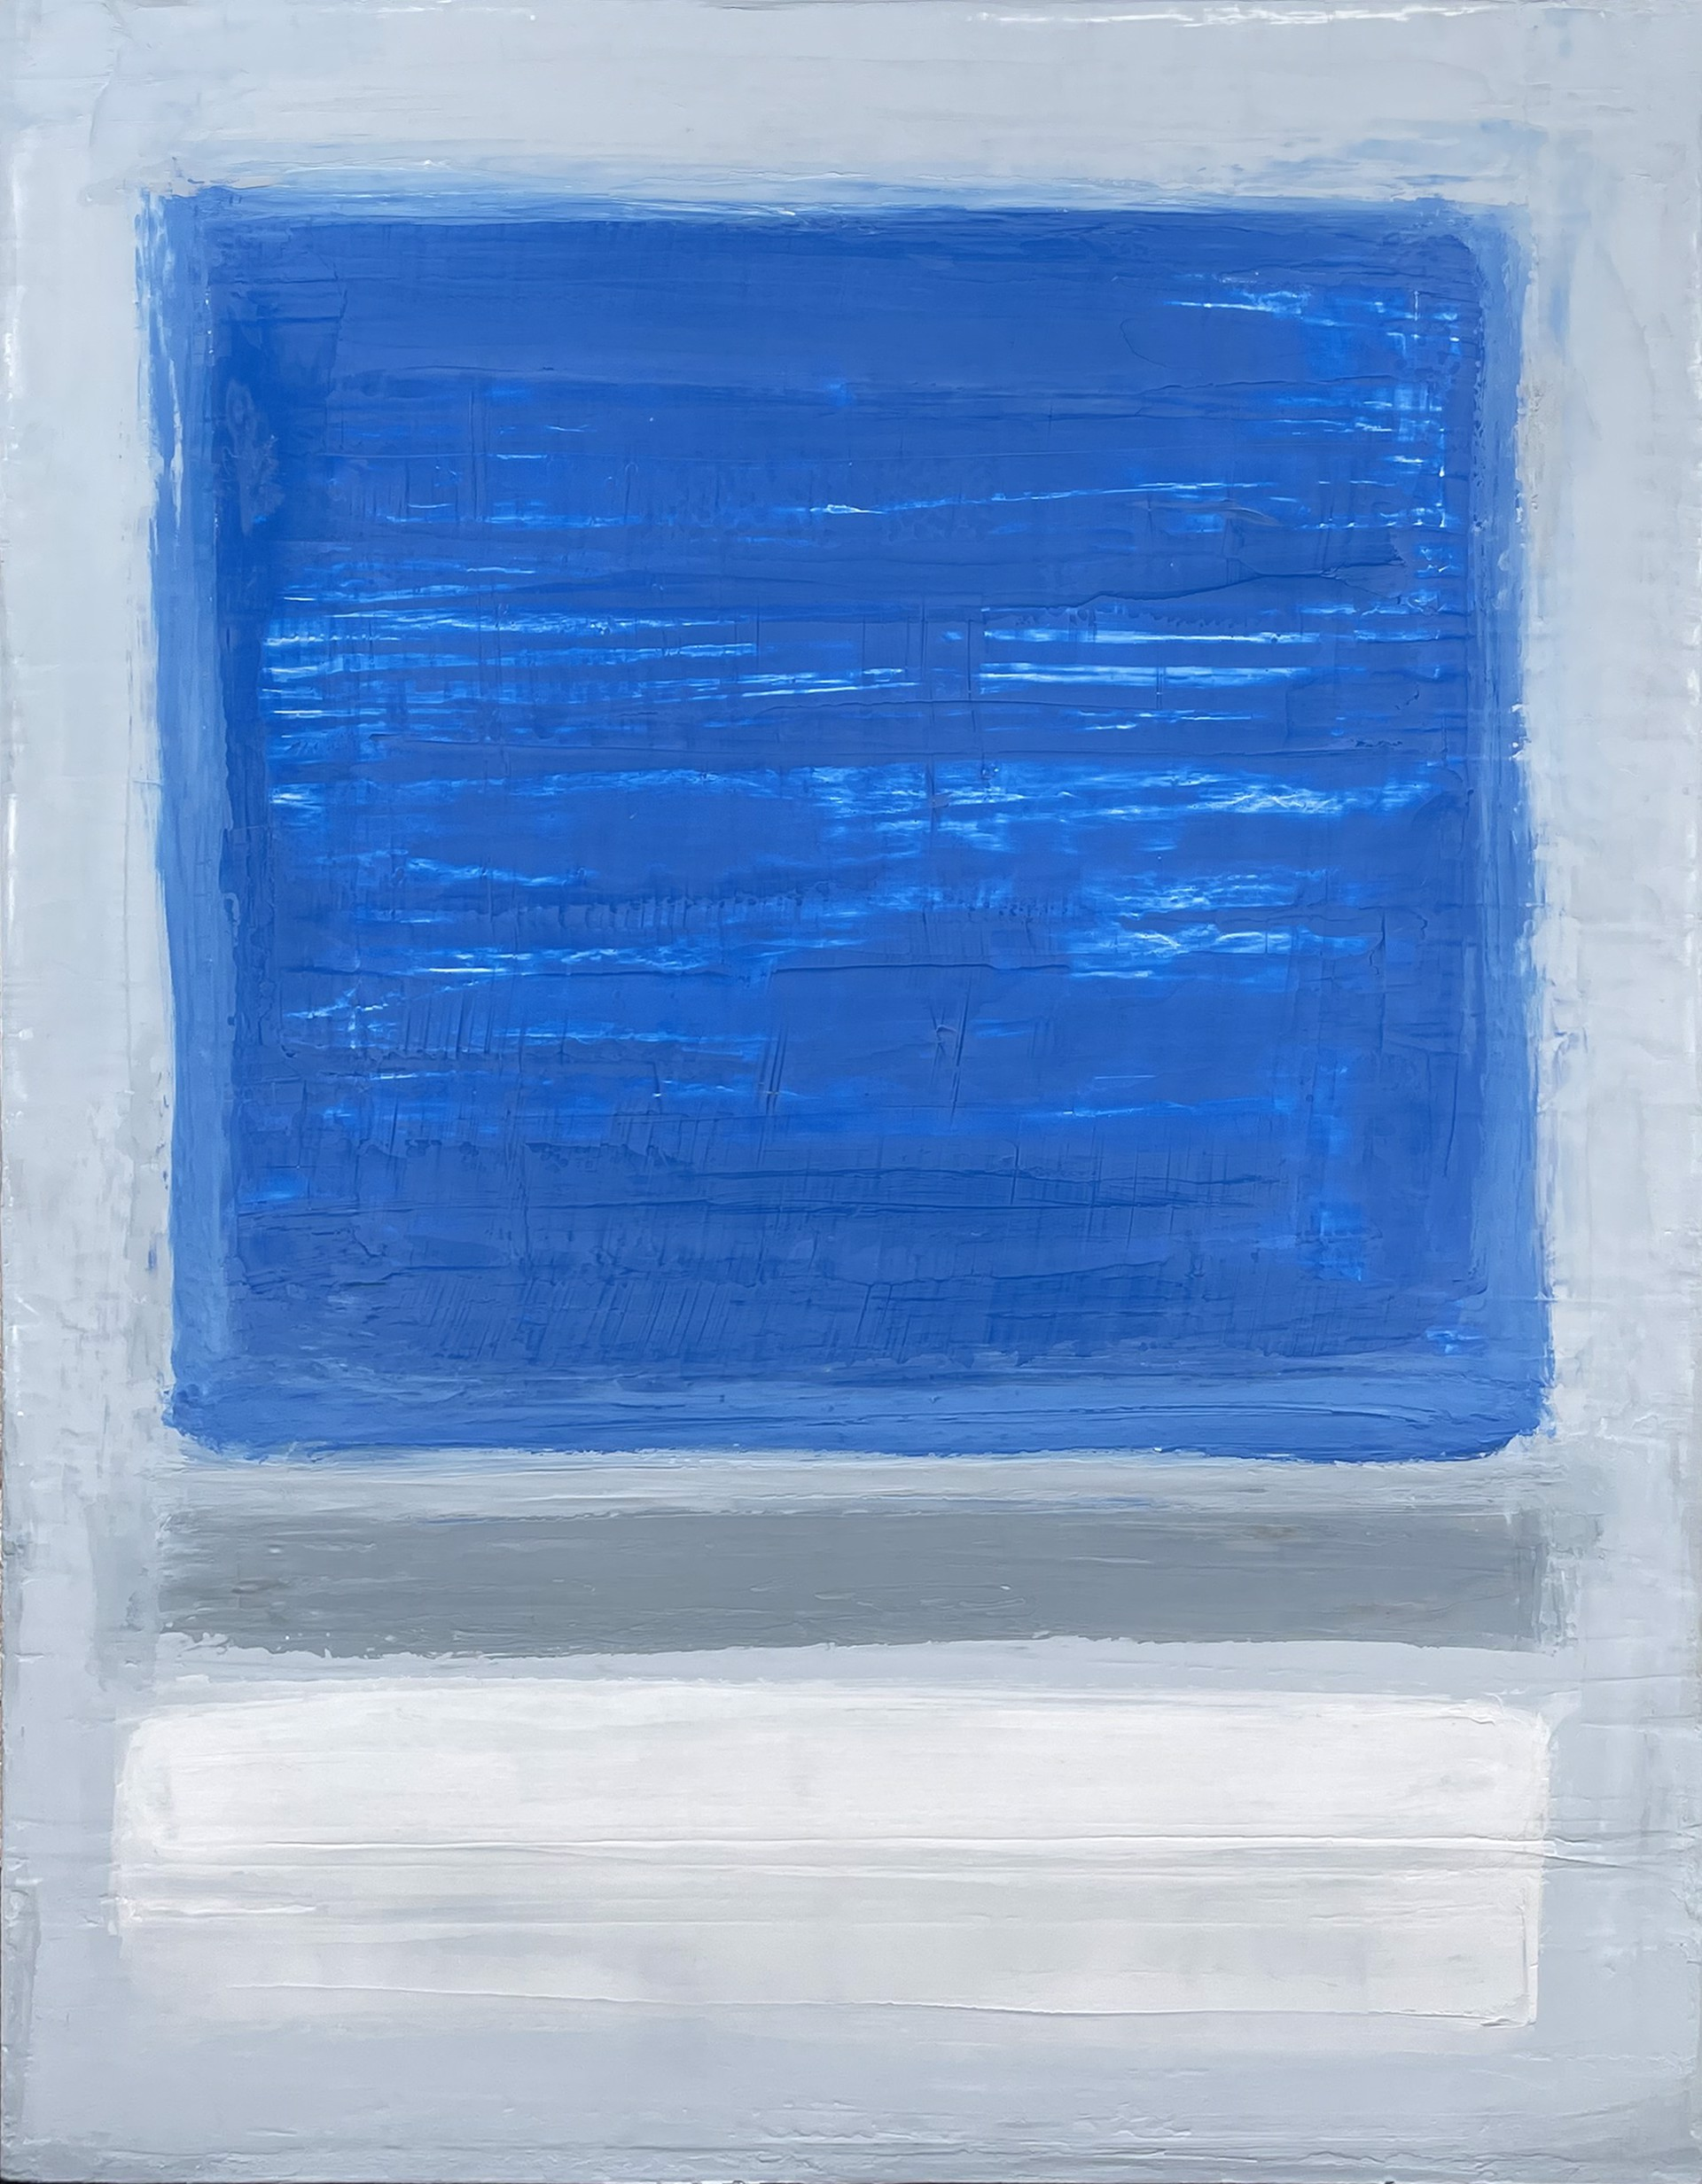 Rothko Blue by Stephanie Paige